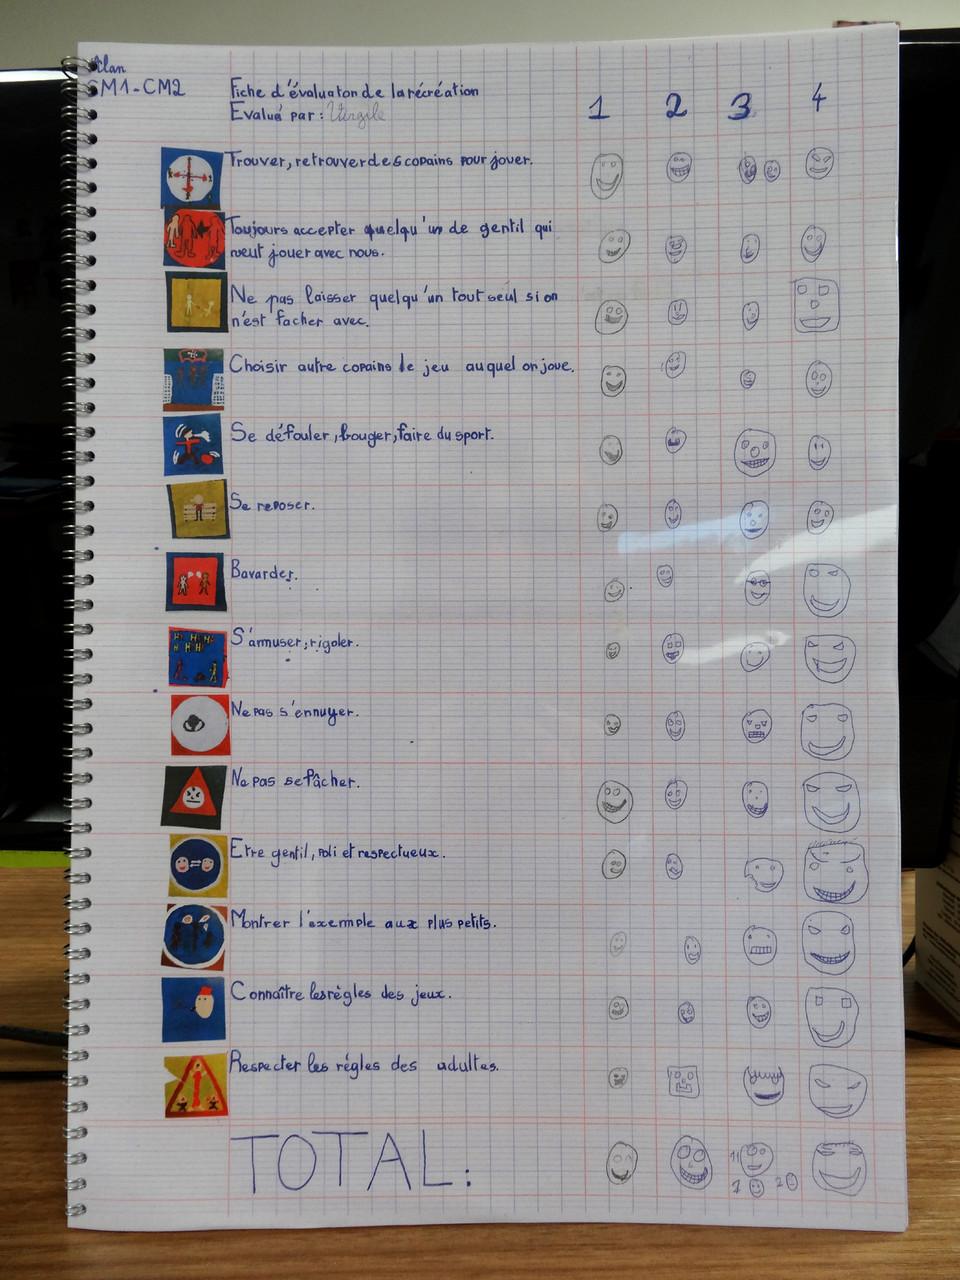 Livrets des évaluations des récréations - CM1-CM2 M Ecole élémentaire publique Moulin à Vent, Montfort-sur-Meu